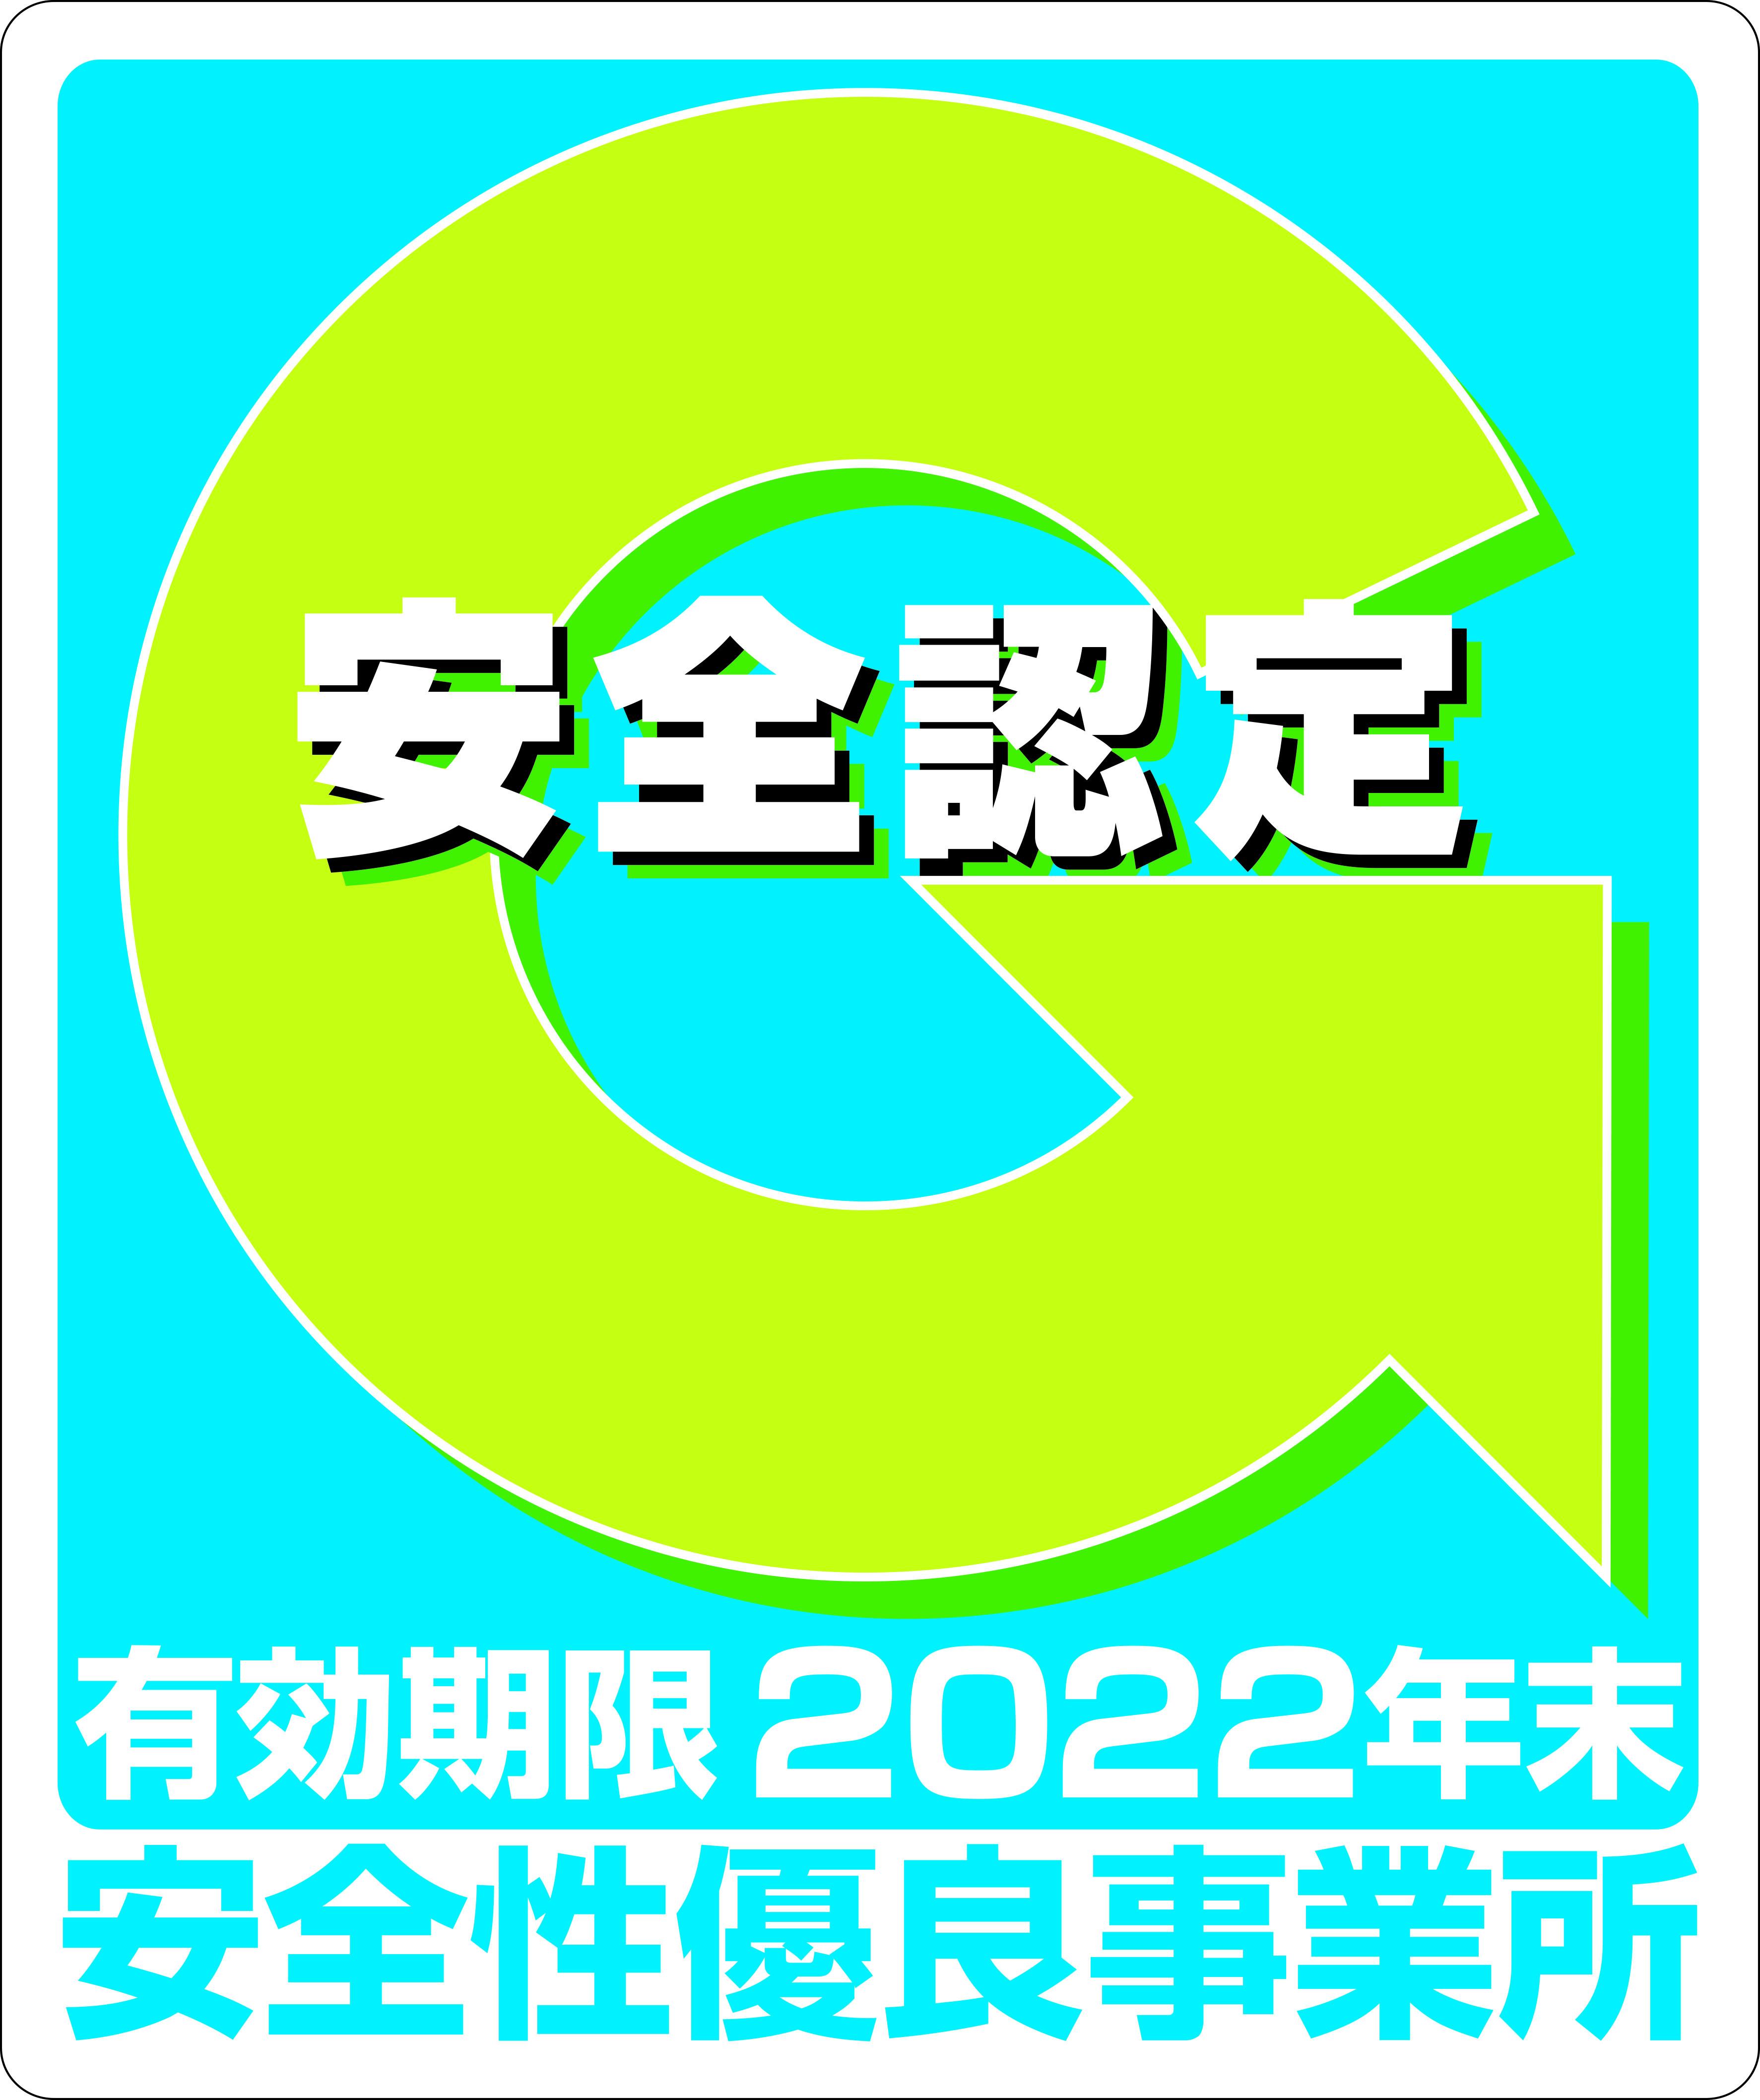 2022Gマーク